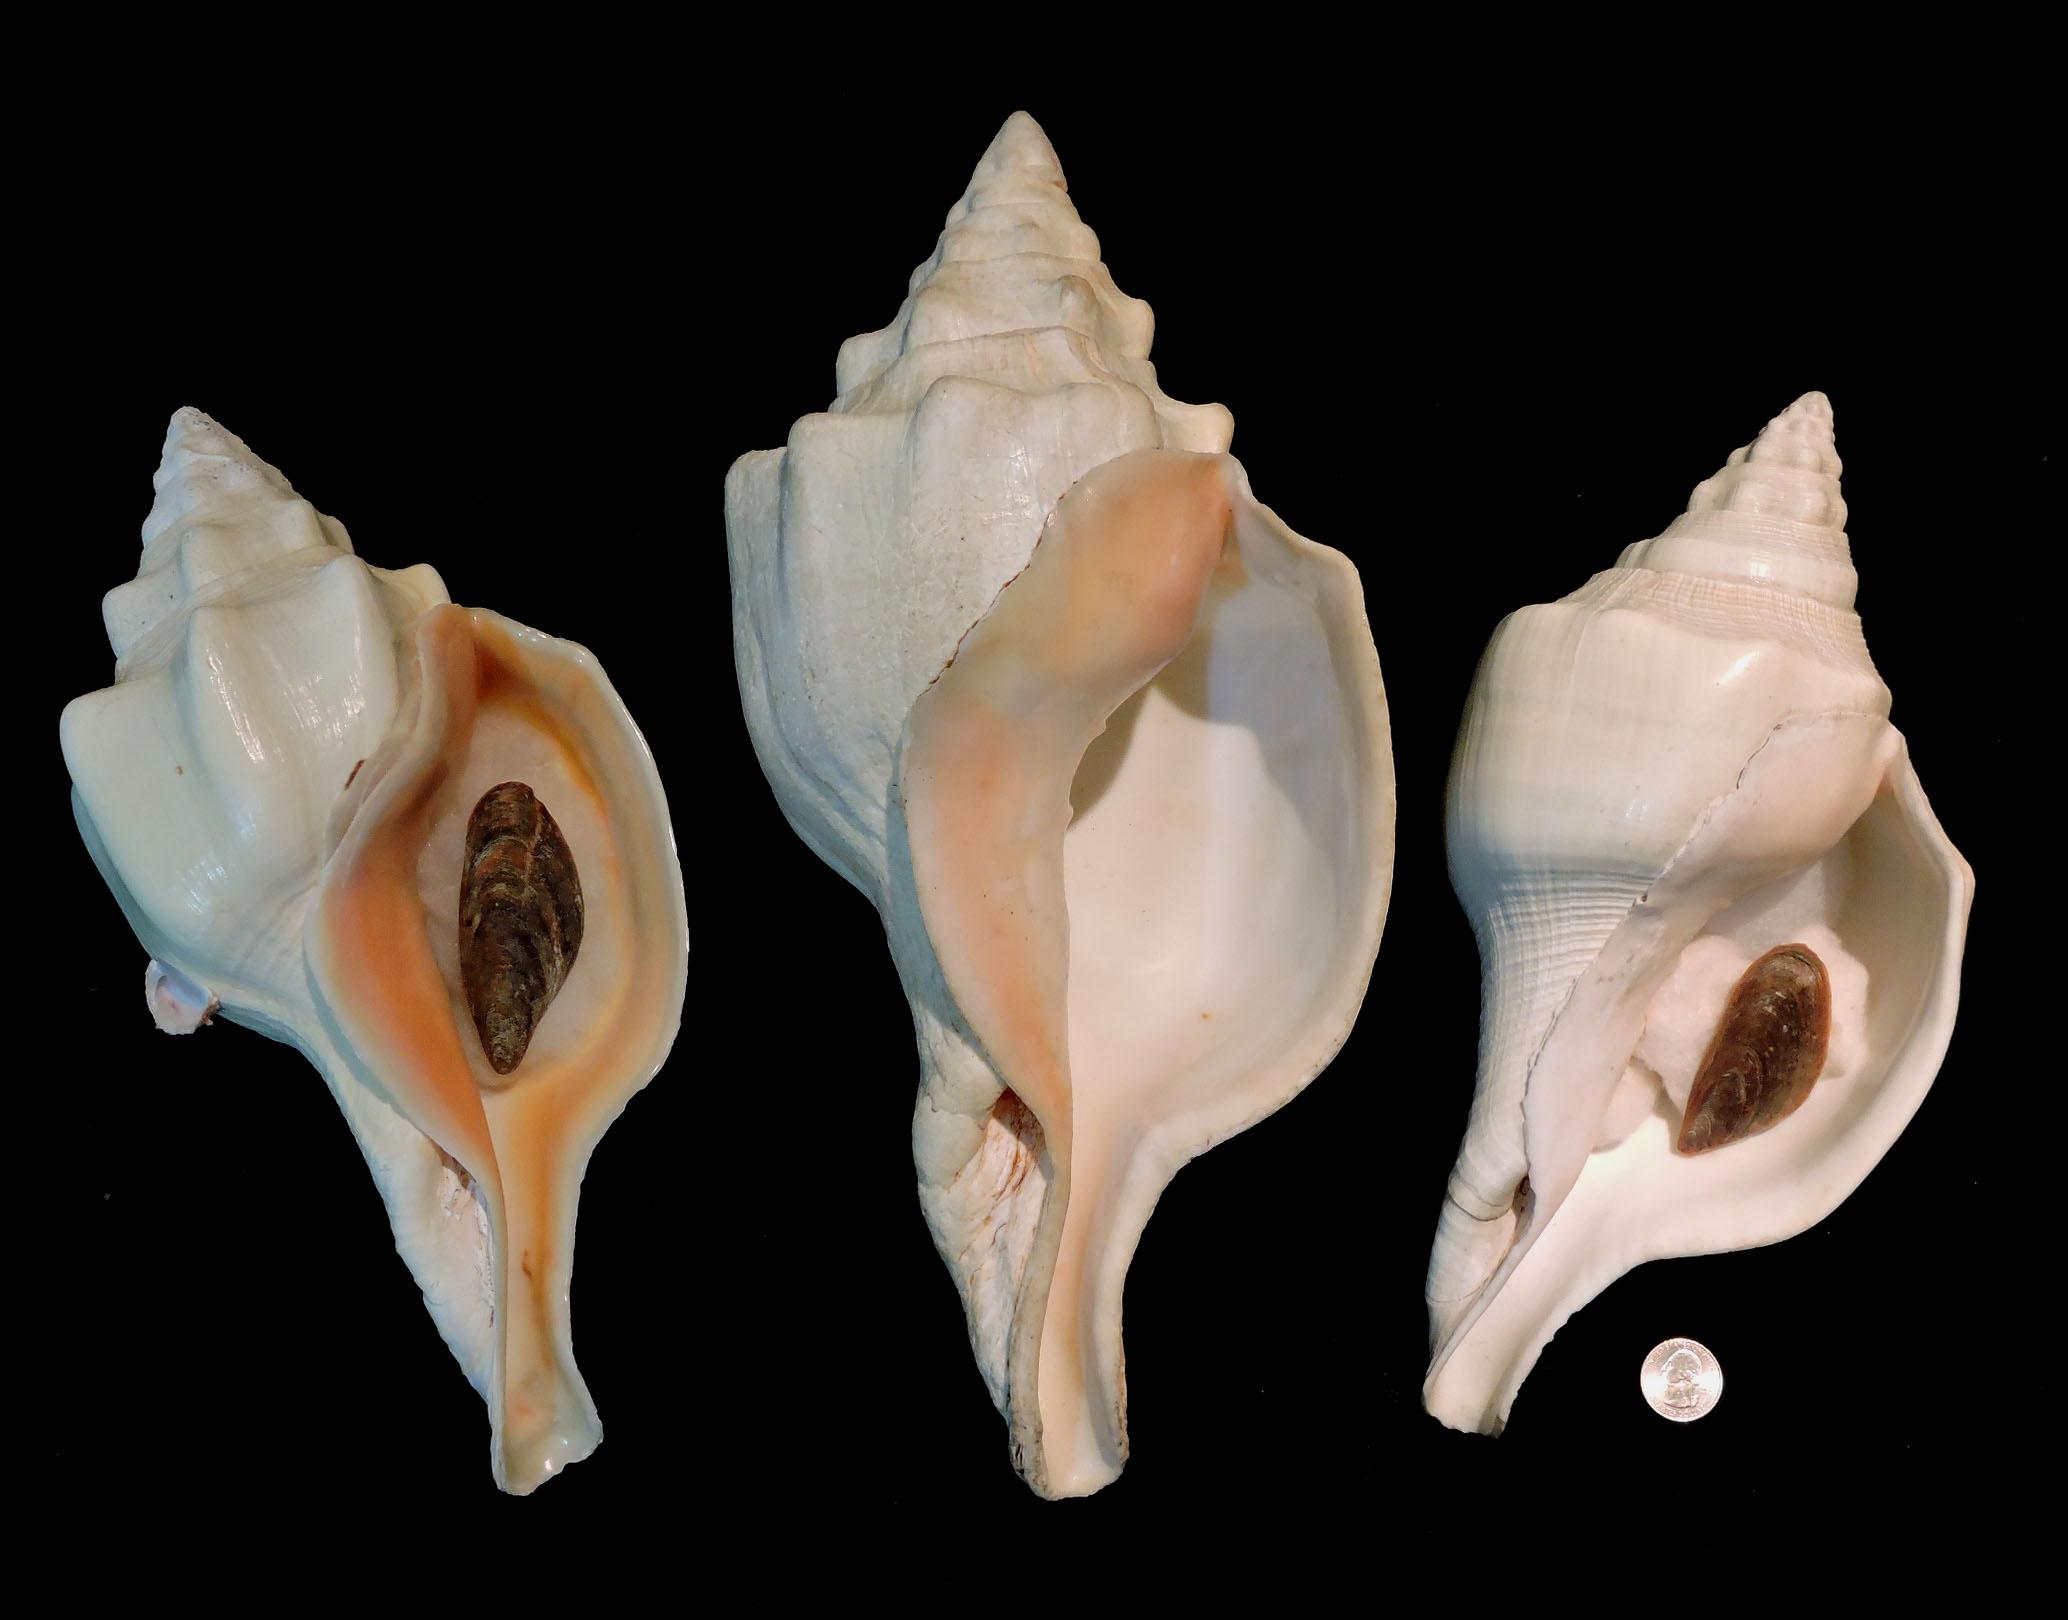 Turbinella angulata picture 2